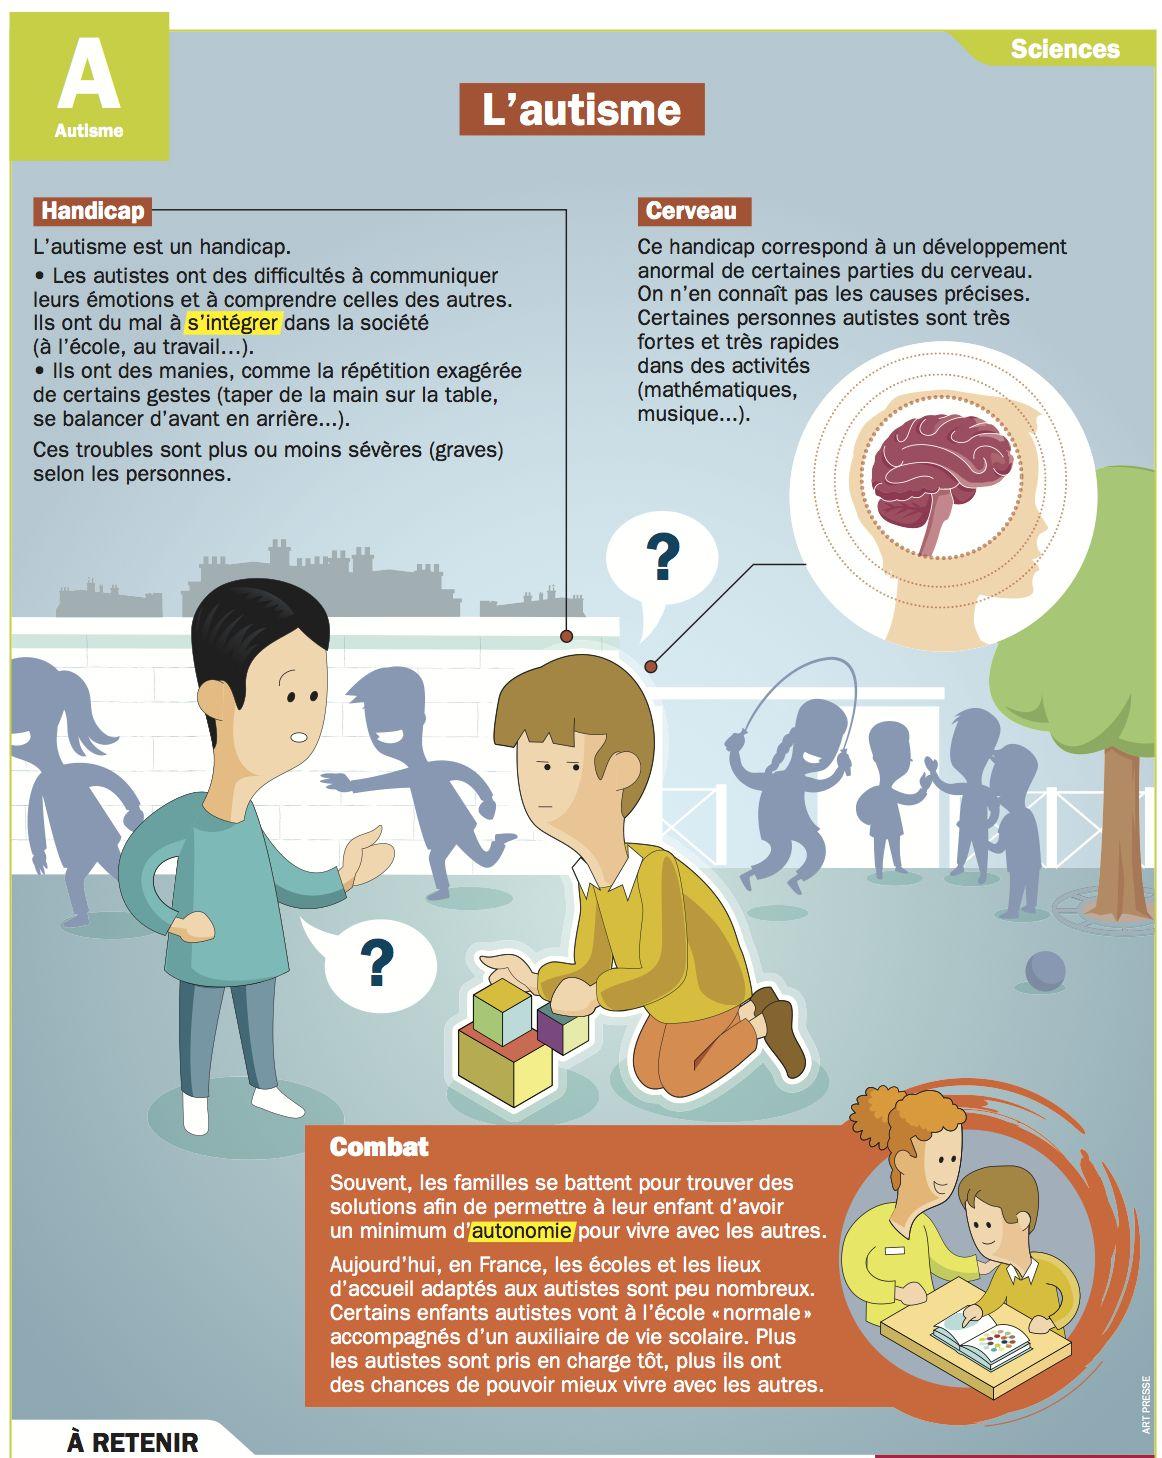 Fabuleux L'autisme | Autisme, Fiches et Éducation HD73